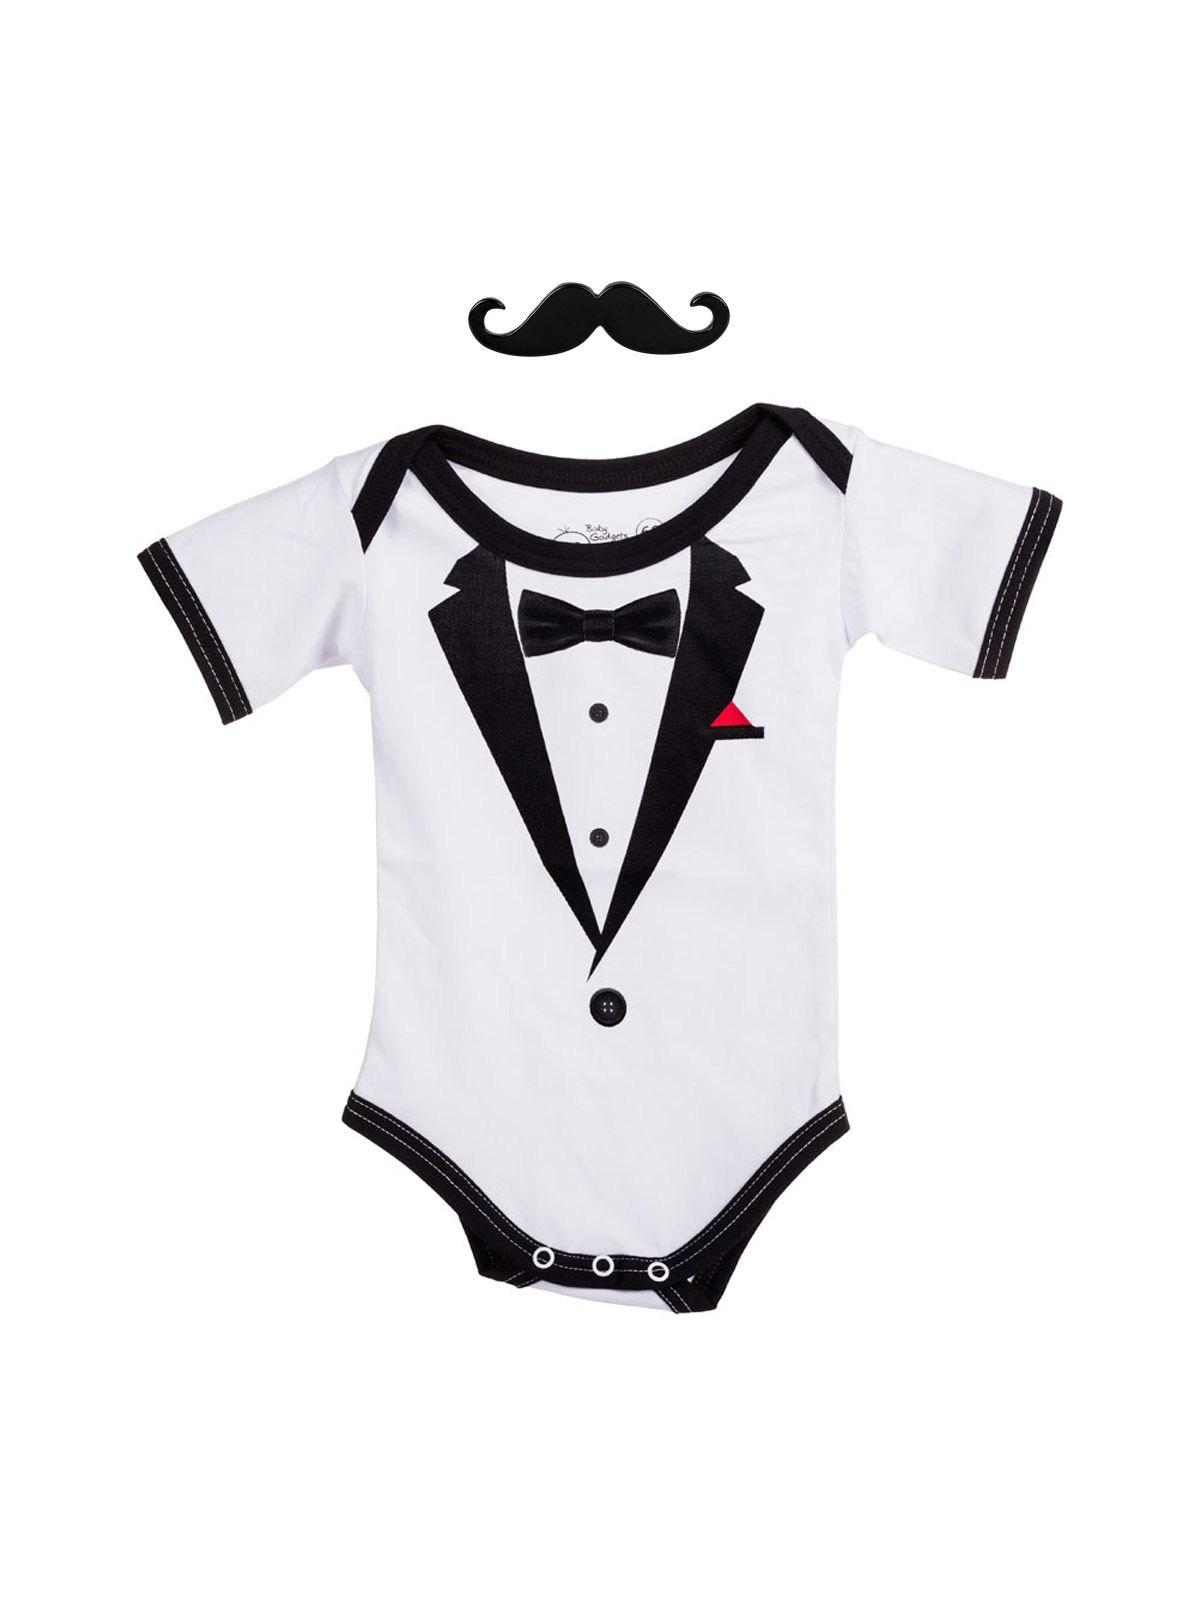 Gentleman Strampelanzug Baby Strampler Schwarz Weiss Günstige